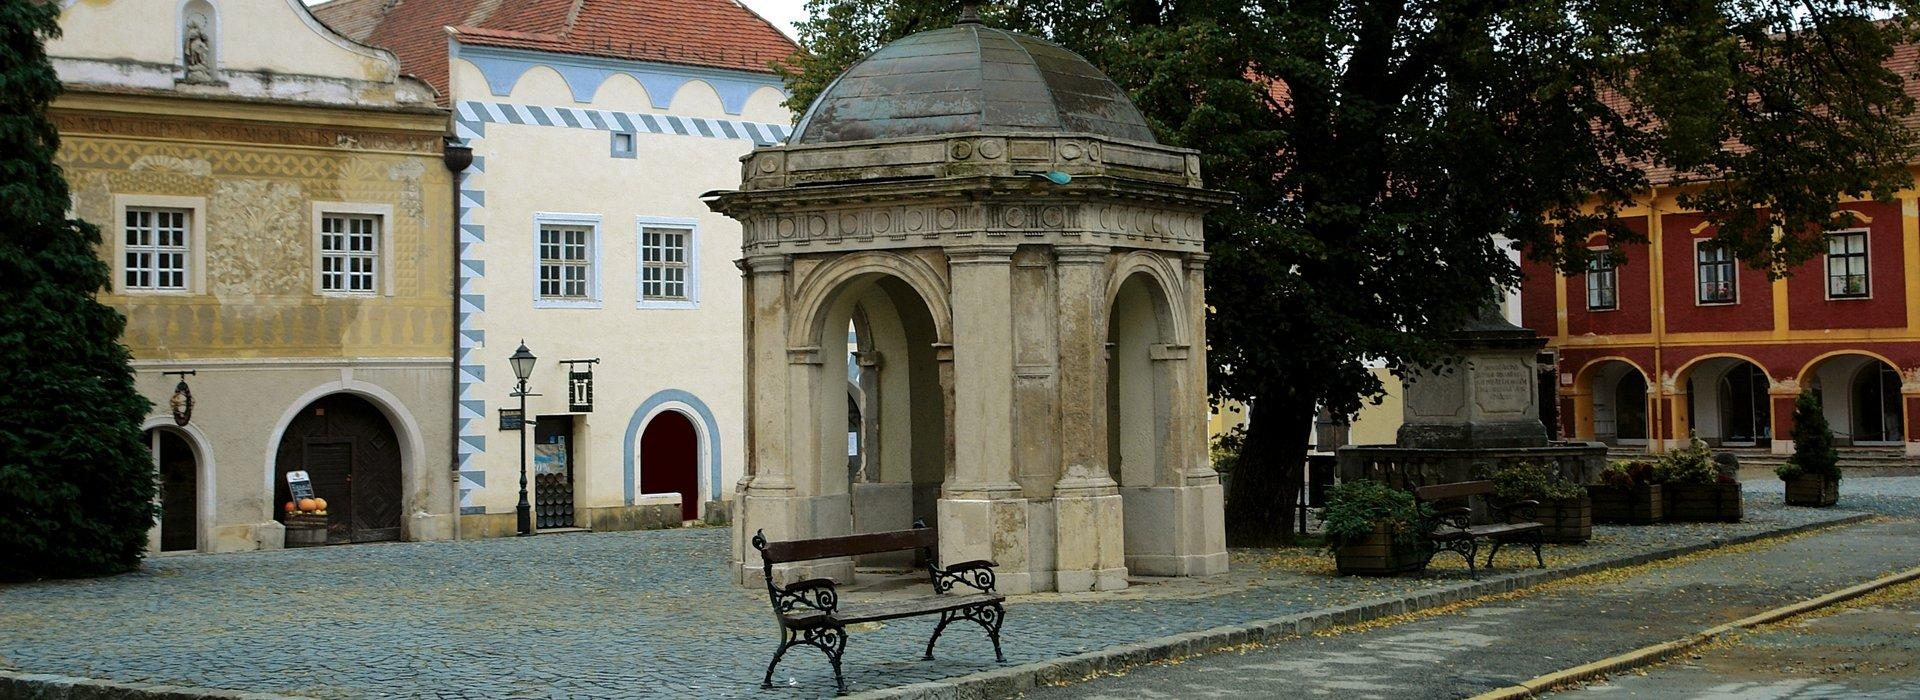 Kőszeg Kultur – Kulturelles Leben in Kőszeg, Ungarn